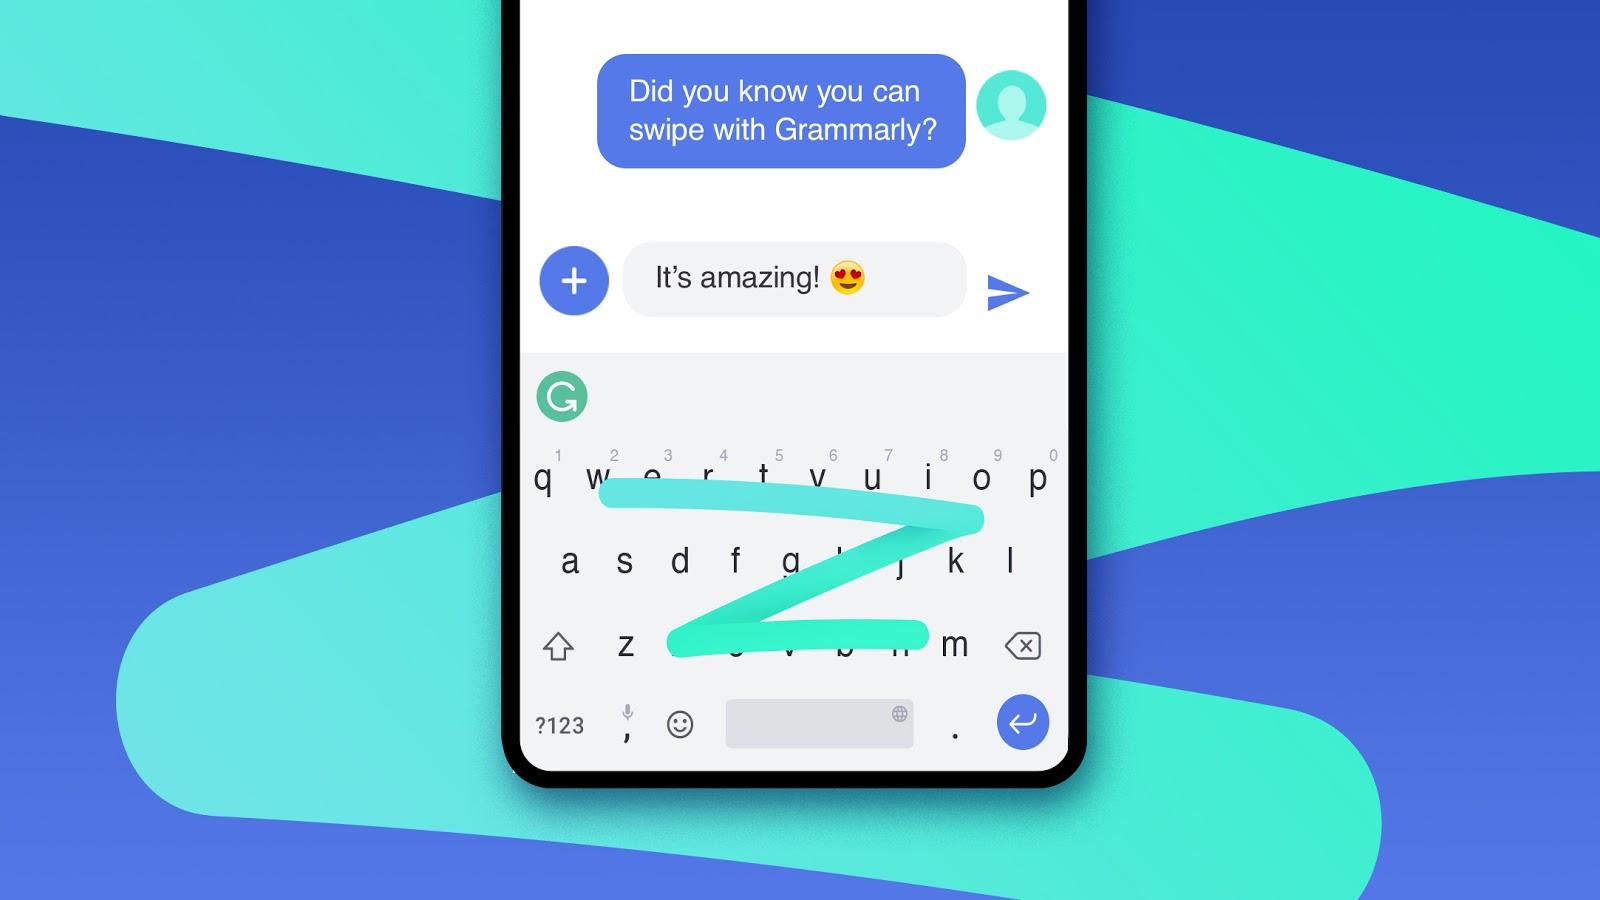 تطبيق لوحة المفاتيح Grammarly يدعم الآن الكتابة بالتمرير